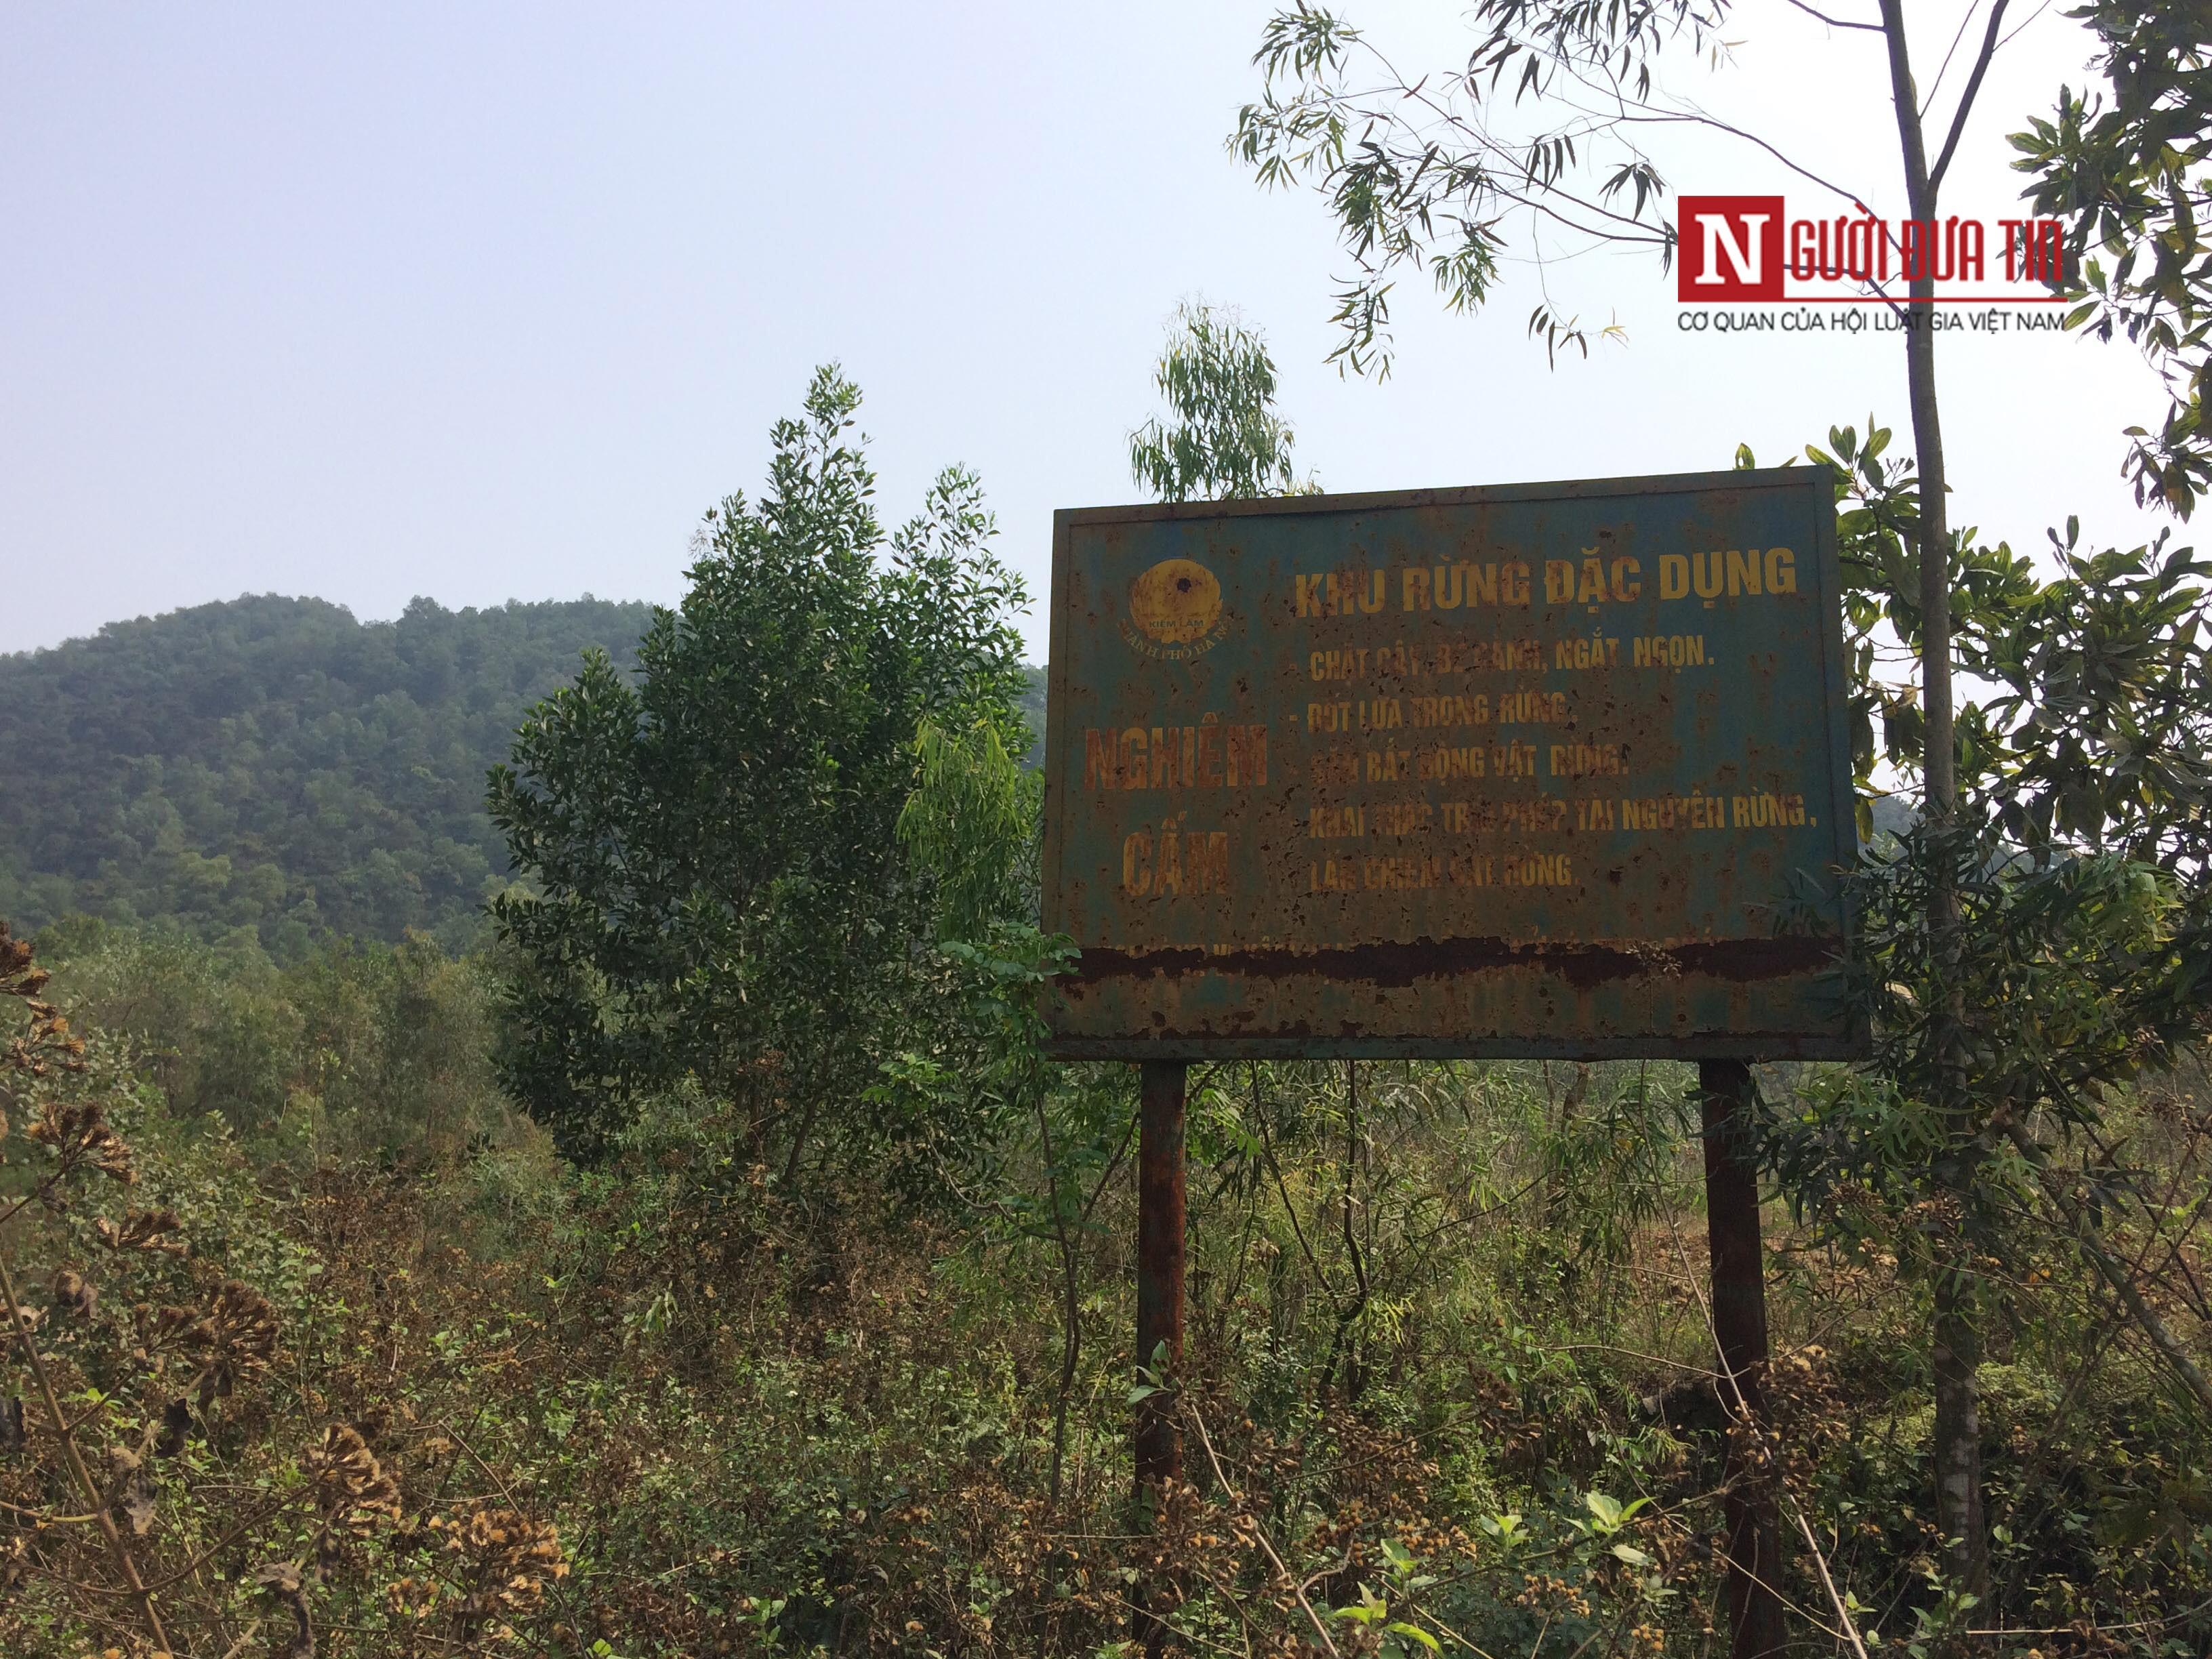 Môi trường - Hà Nội: Hàng nghìn mét khối rác nghi 'đội lốt' mùn hữu cơ đổ vào rừng đặc dụng (Hình 2).